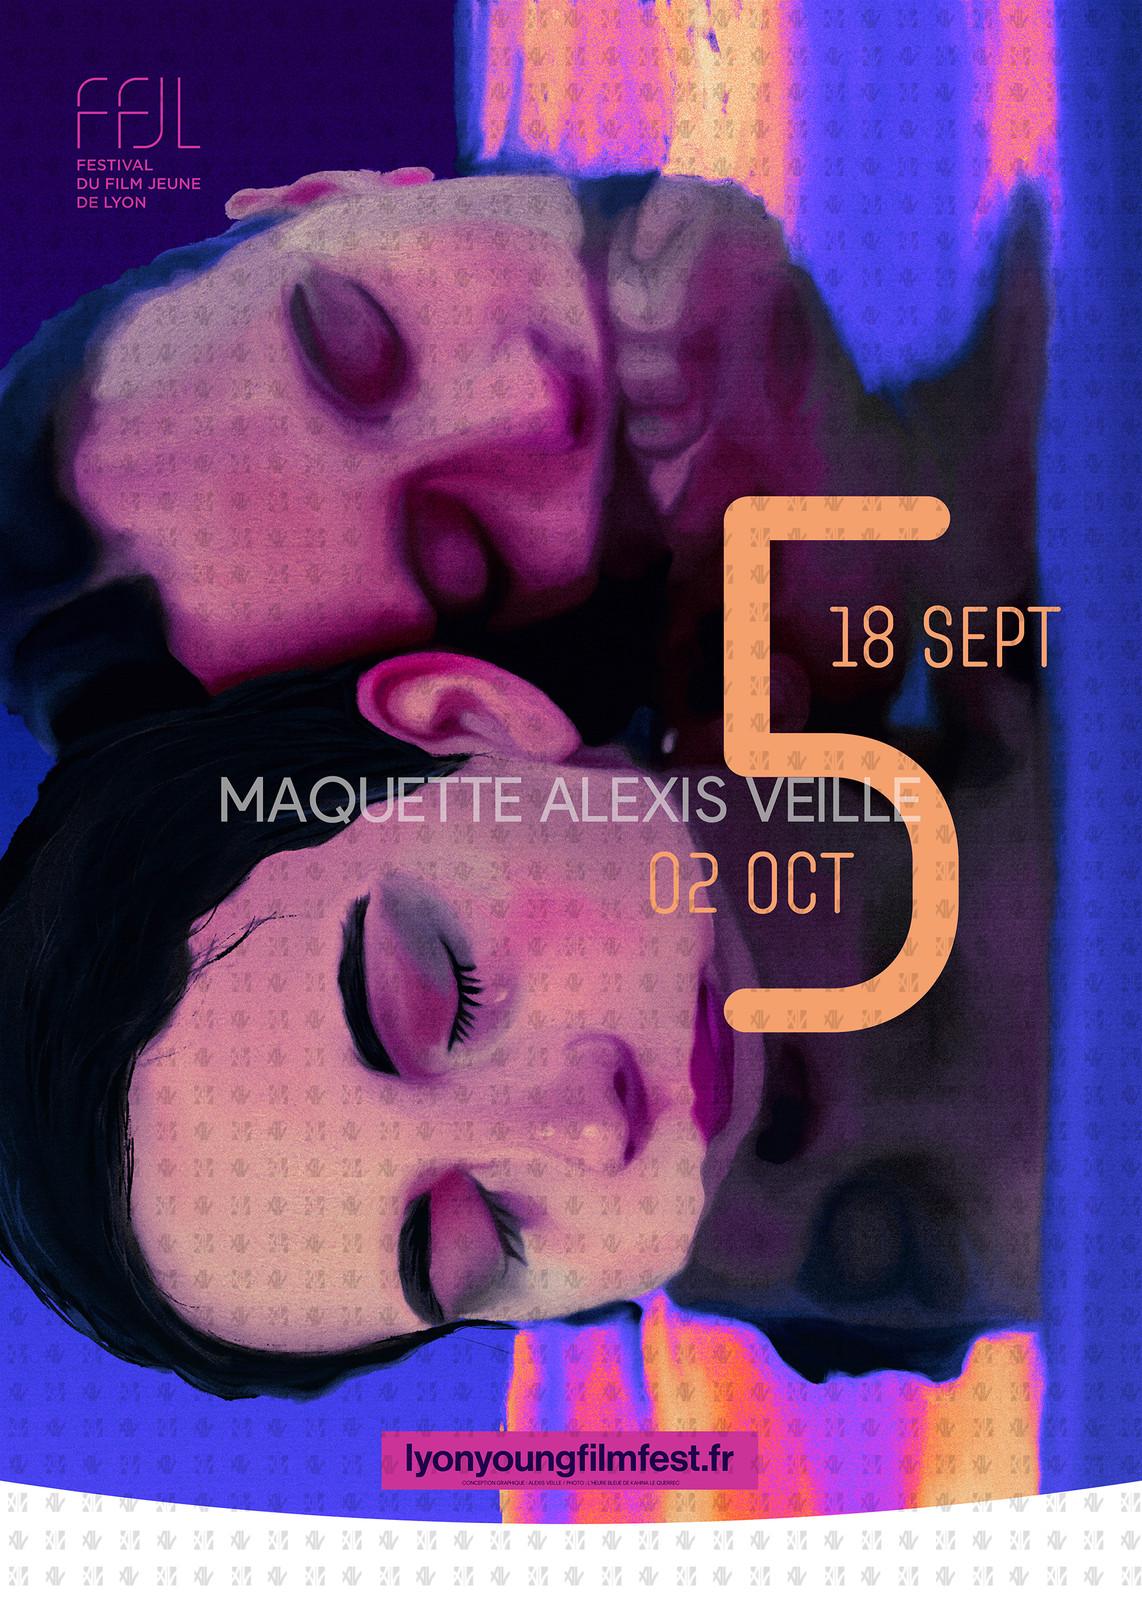 Festival du film jeune de Lyon — Proposition